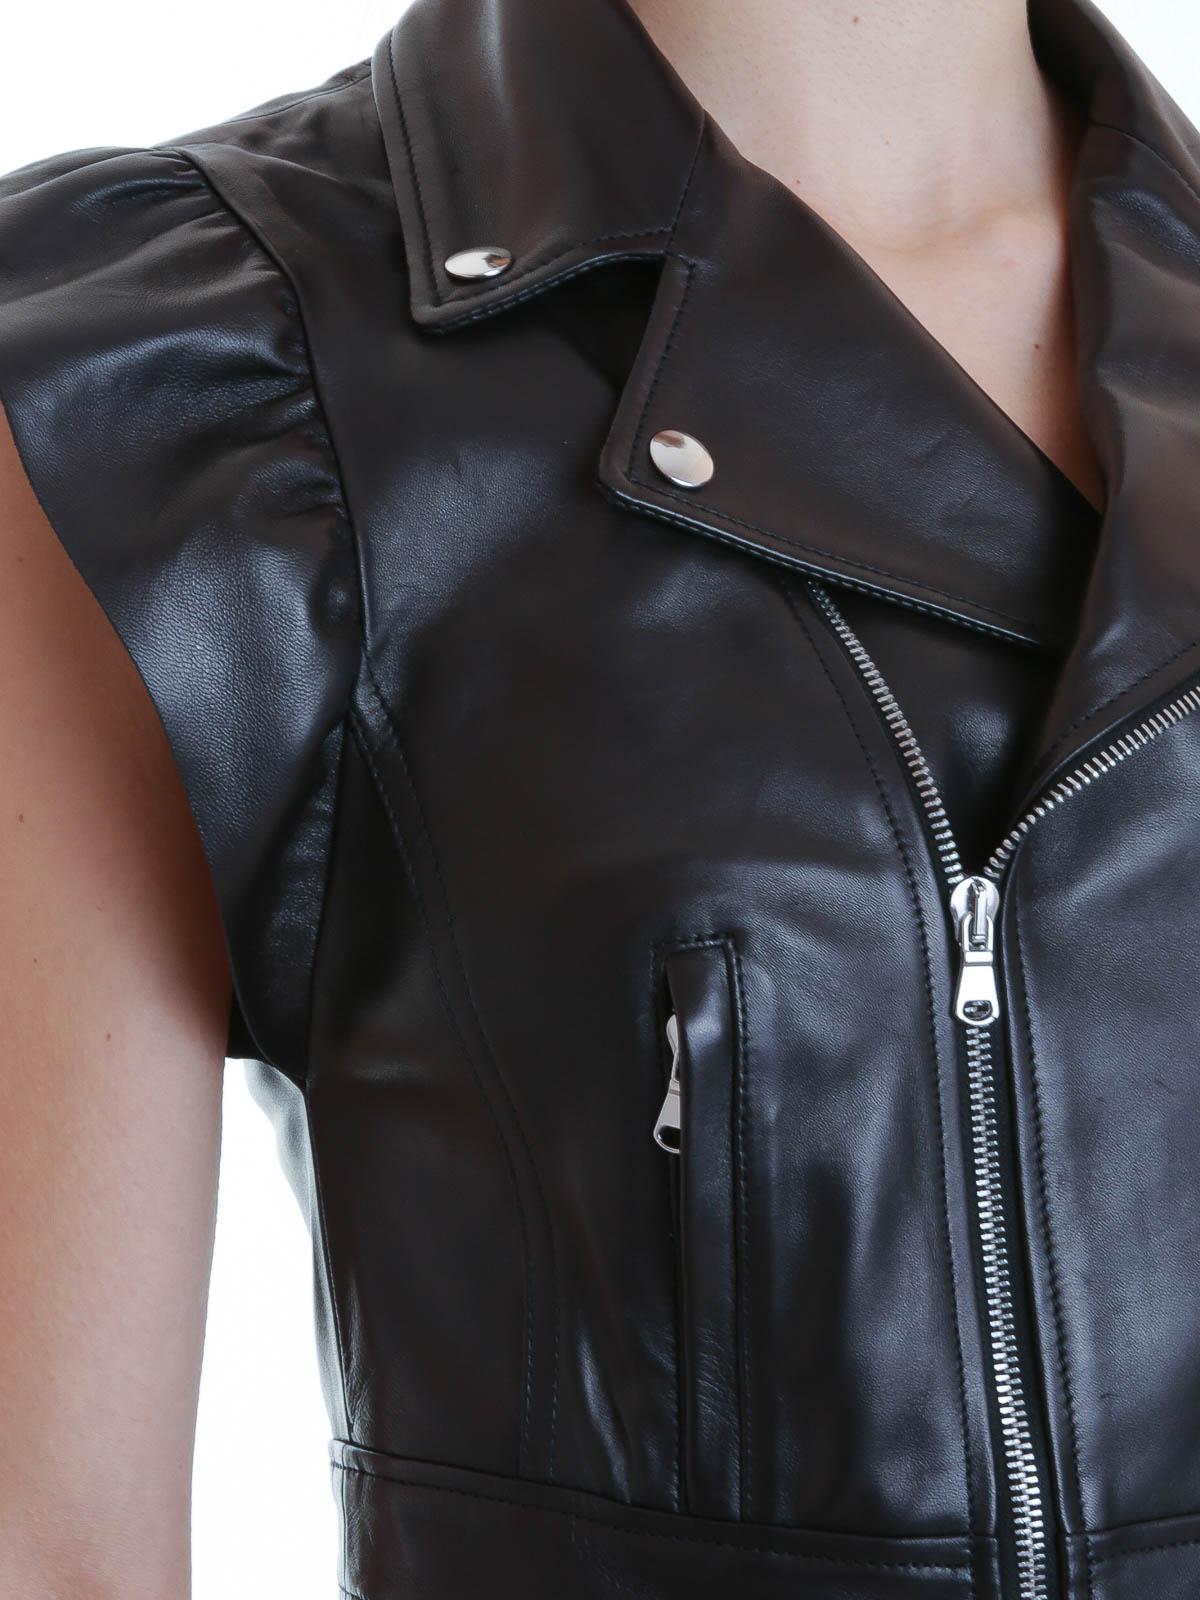 Red Chaqueta De Cuero Mujer Negras Chaquetas Valentino Para RUZqW4qw